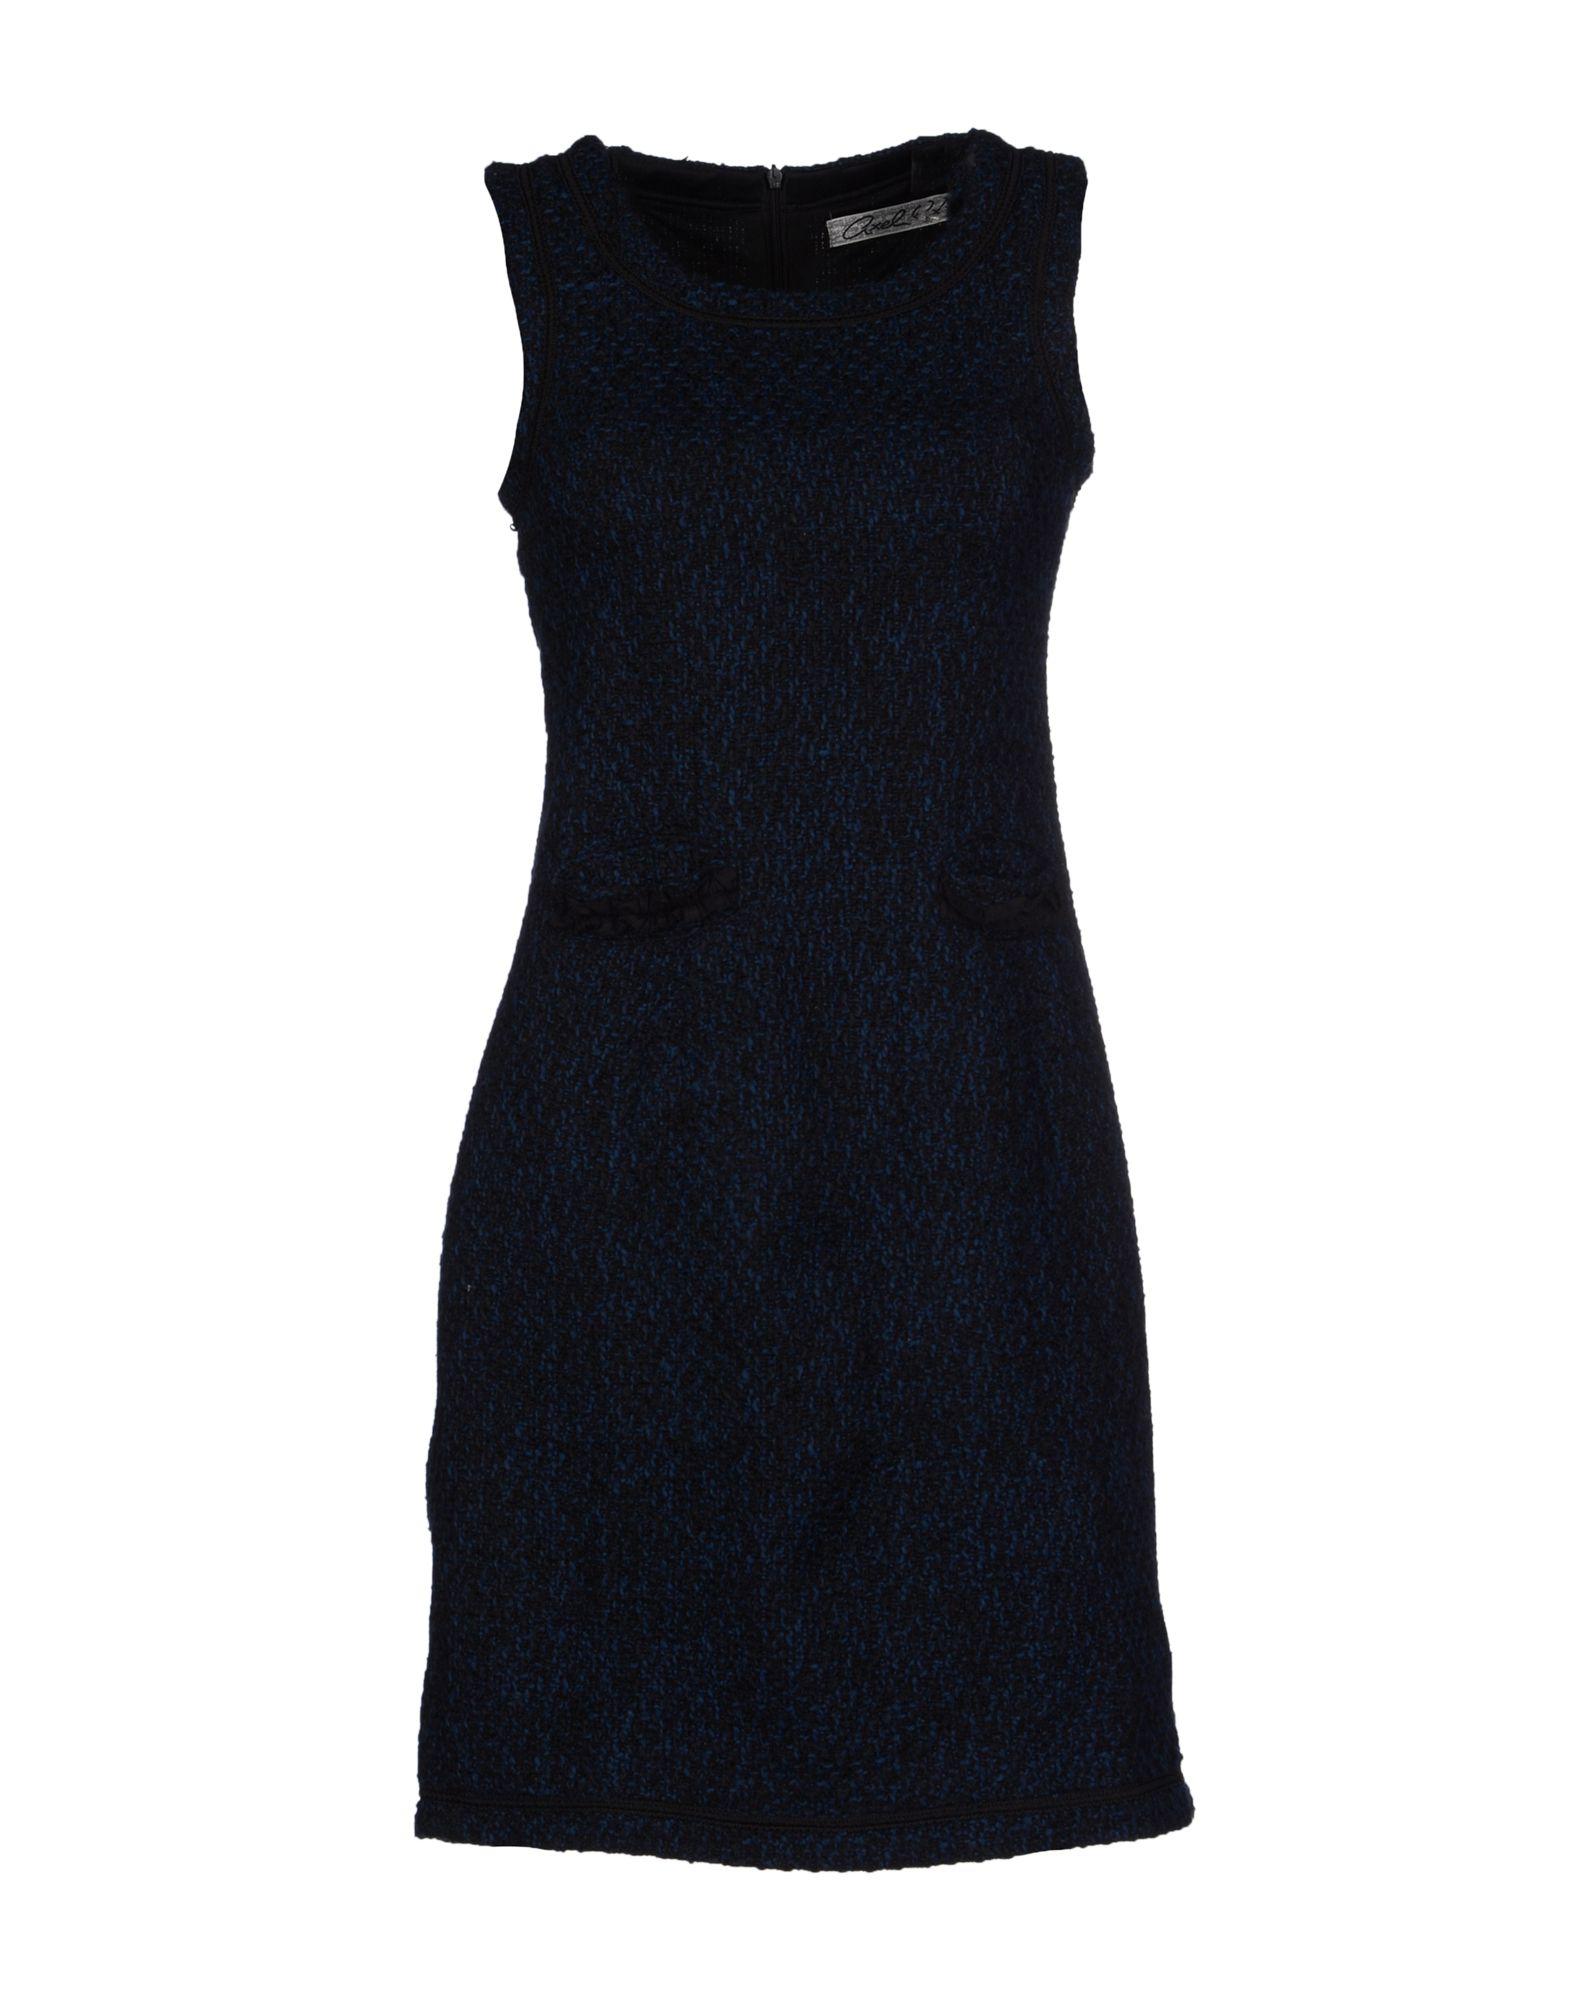 Γυναικεία φορέματα AXEL εκπτώσεις – e-offers.gr c5a7525248f